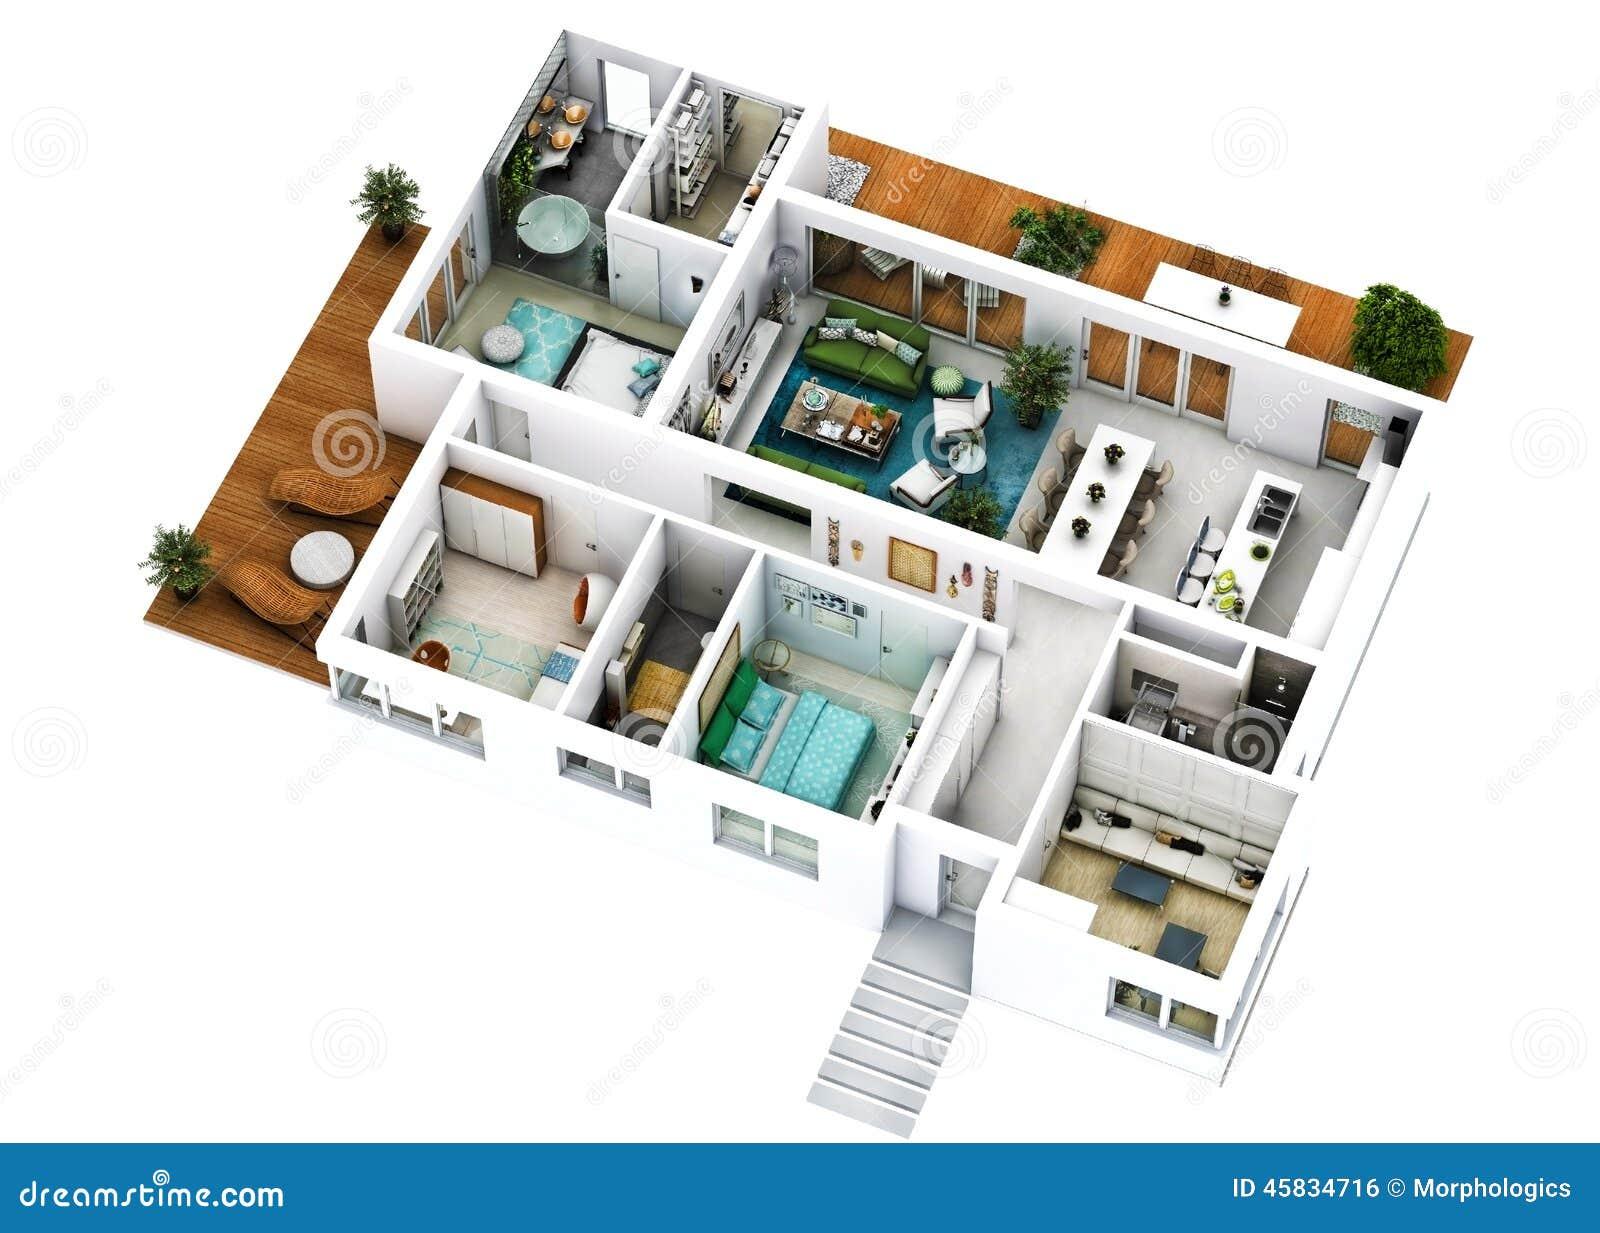 Plan des Fußbodens 3D stockfoto. Bild von balkon, fußboden - 45834716